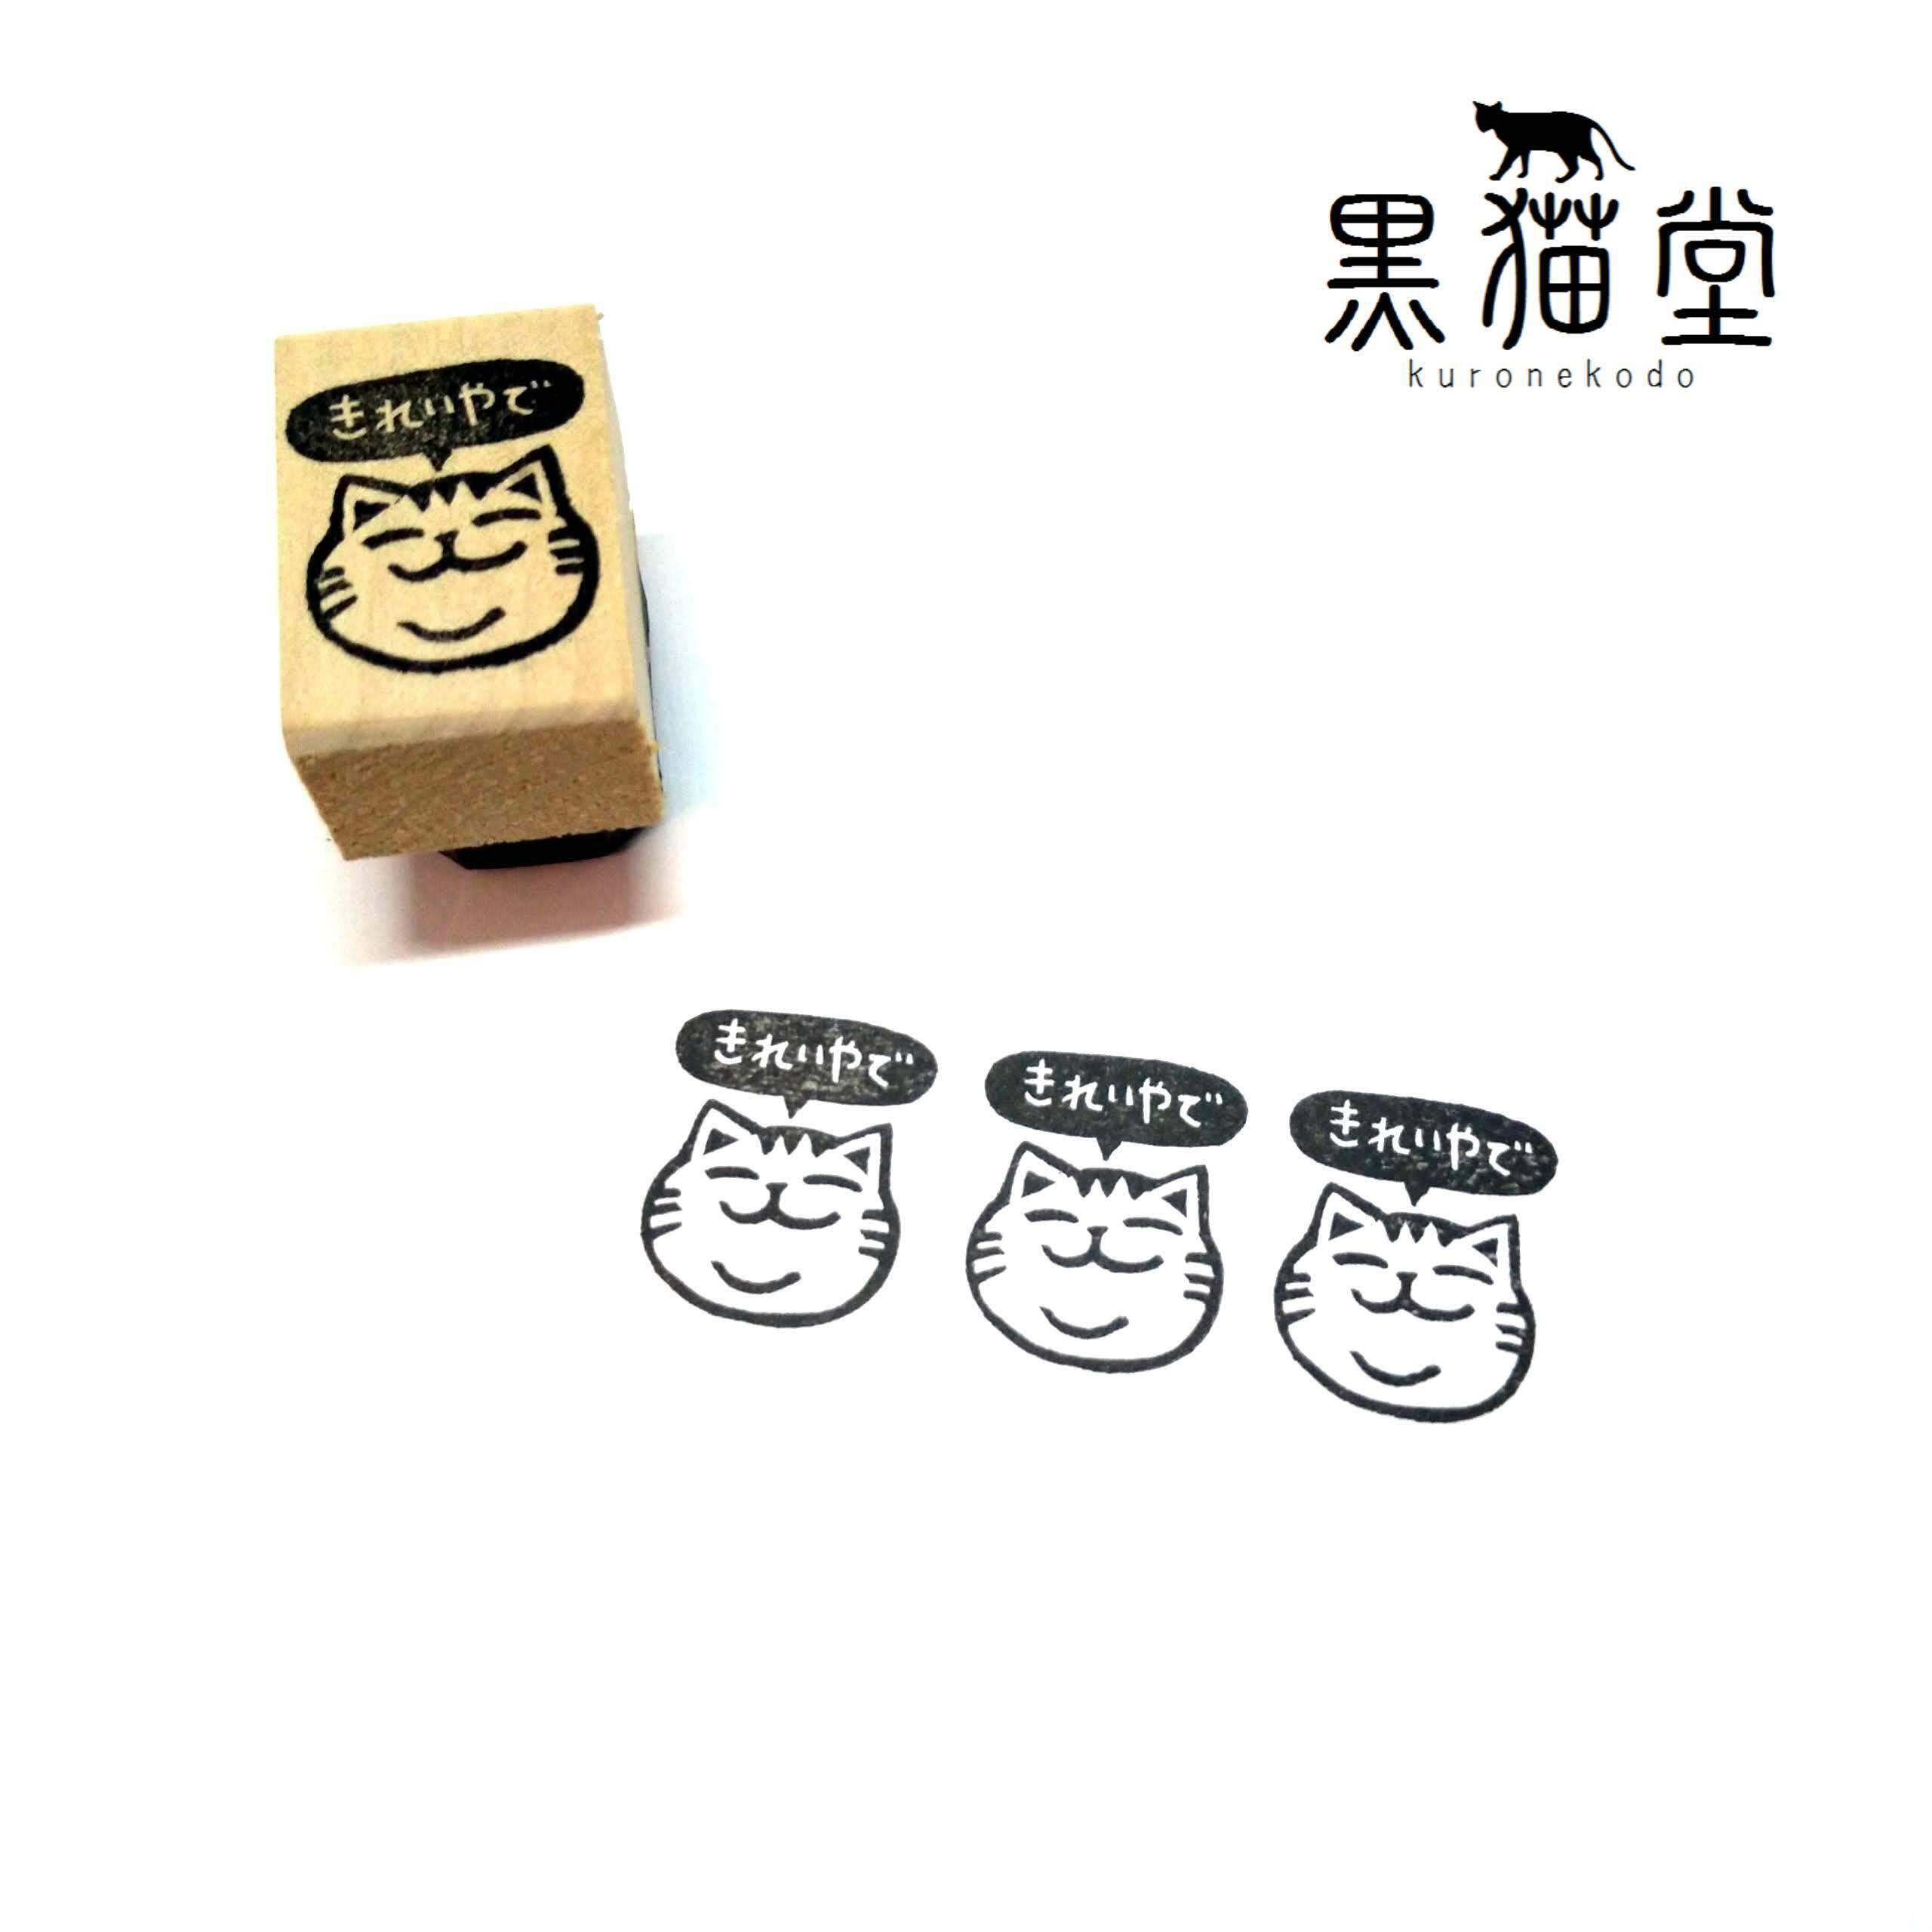 関西弁ネコ「きれいやで」